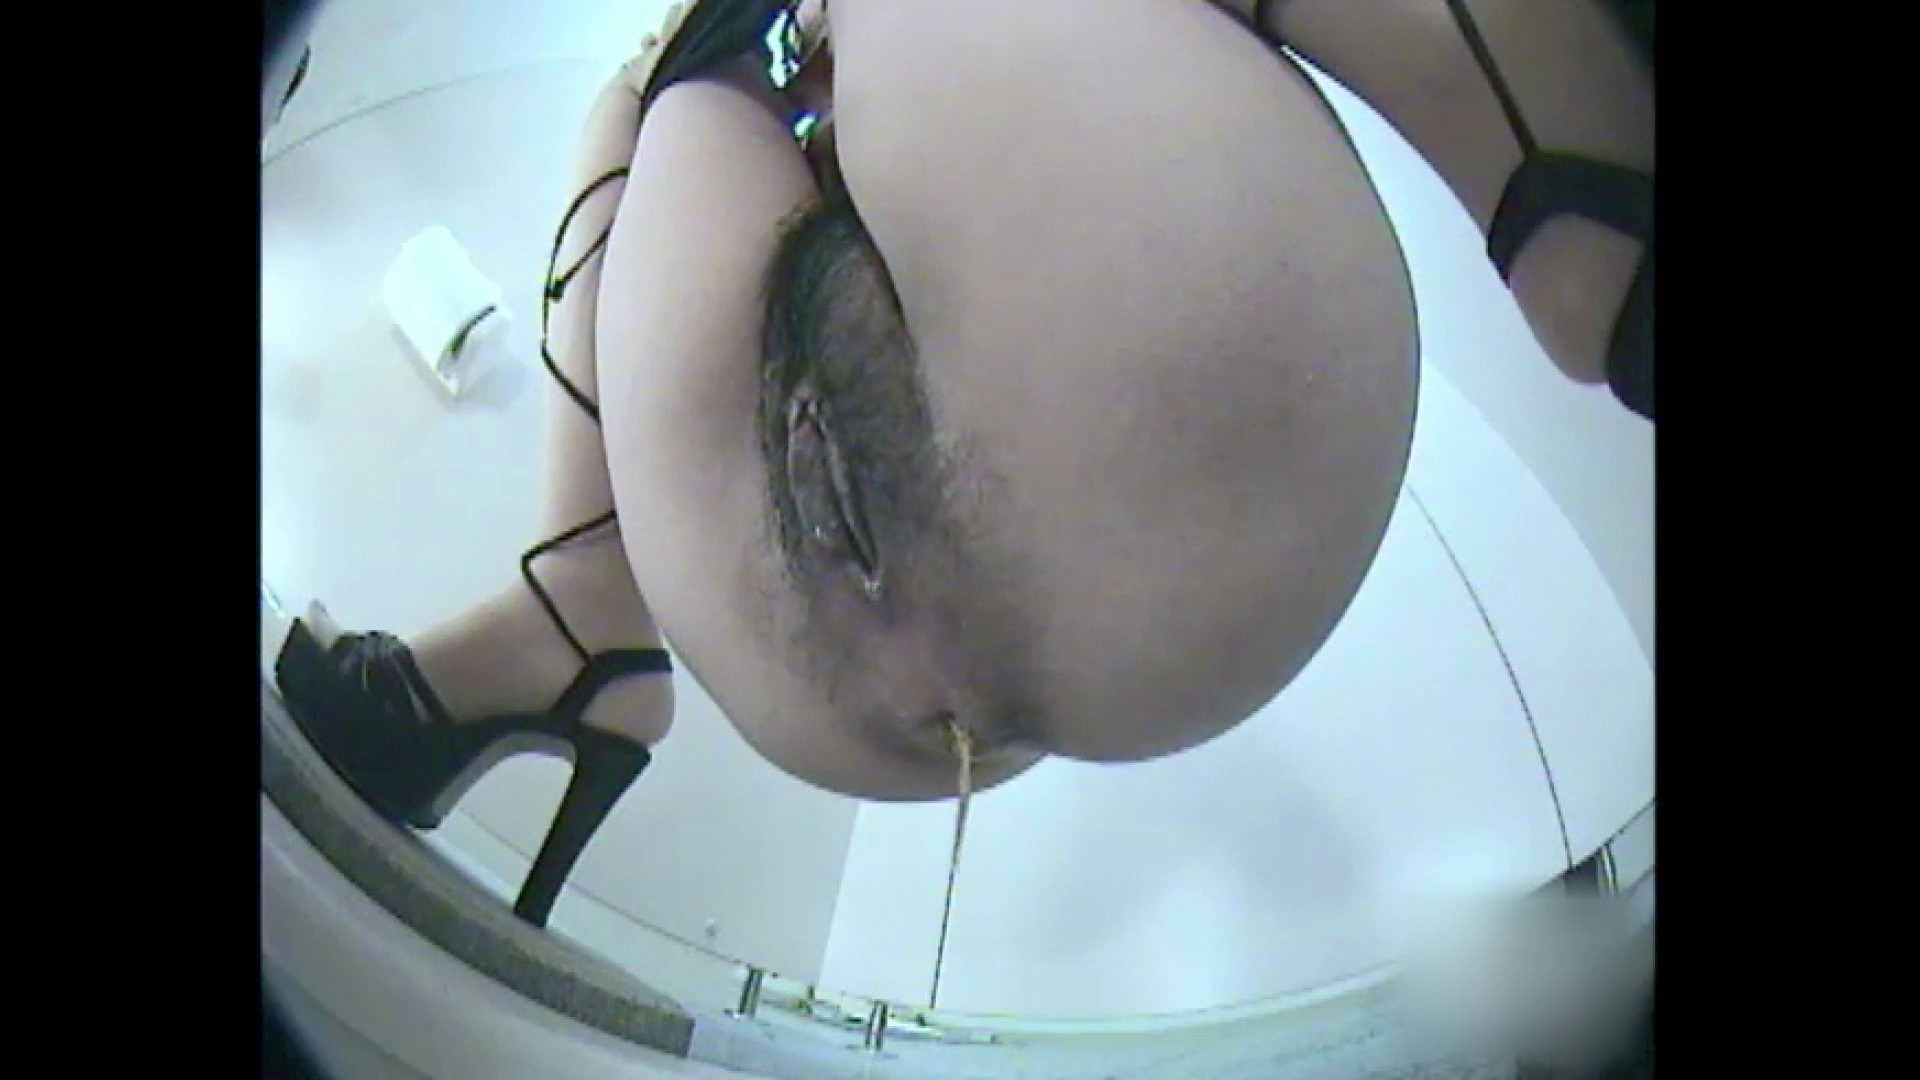 レースクィーントイレ盗撮!Vol.03 丸見え 盗撮セックス無修正動画無料 76PICs 63